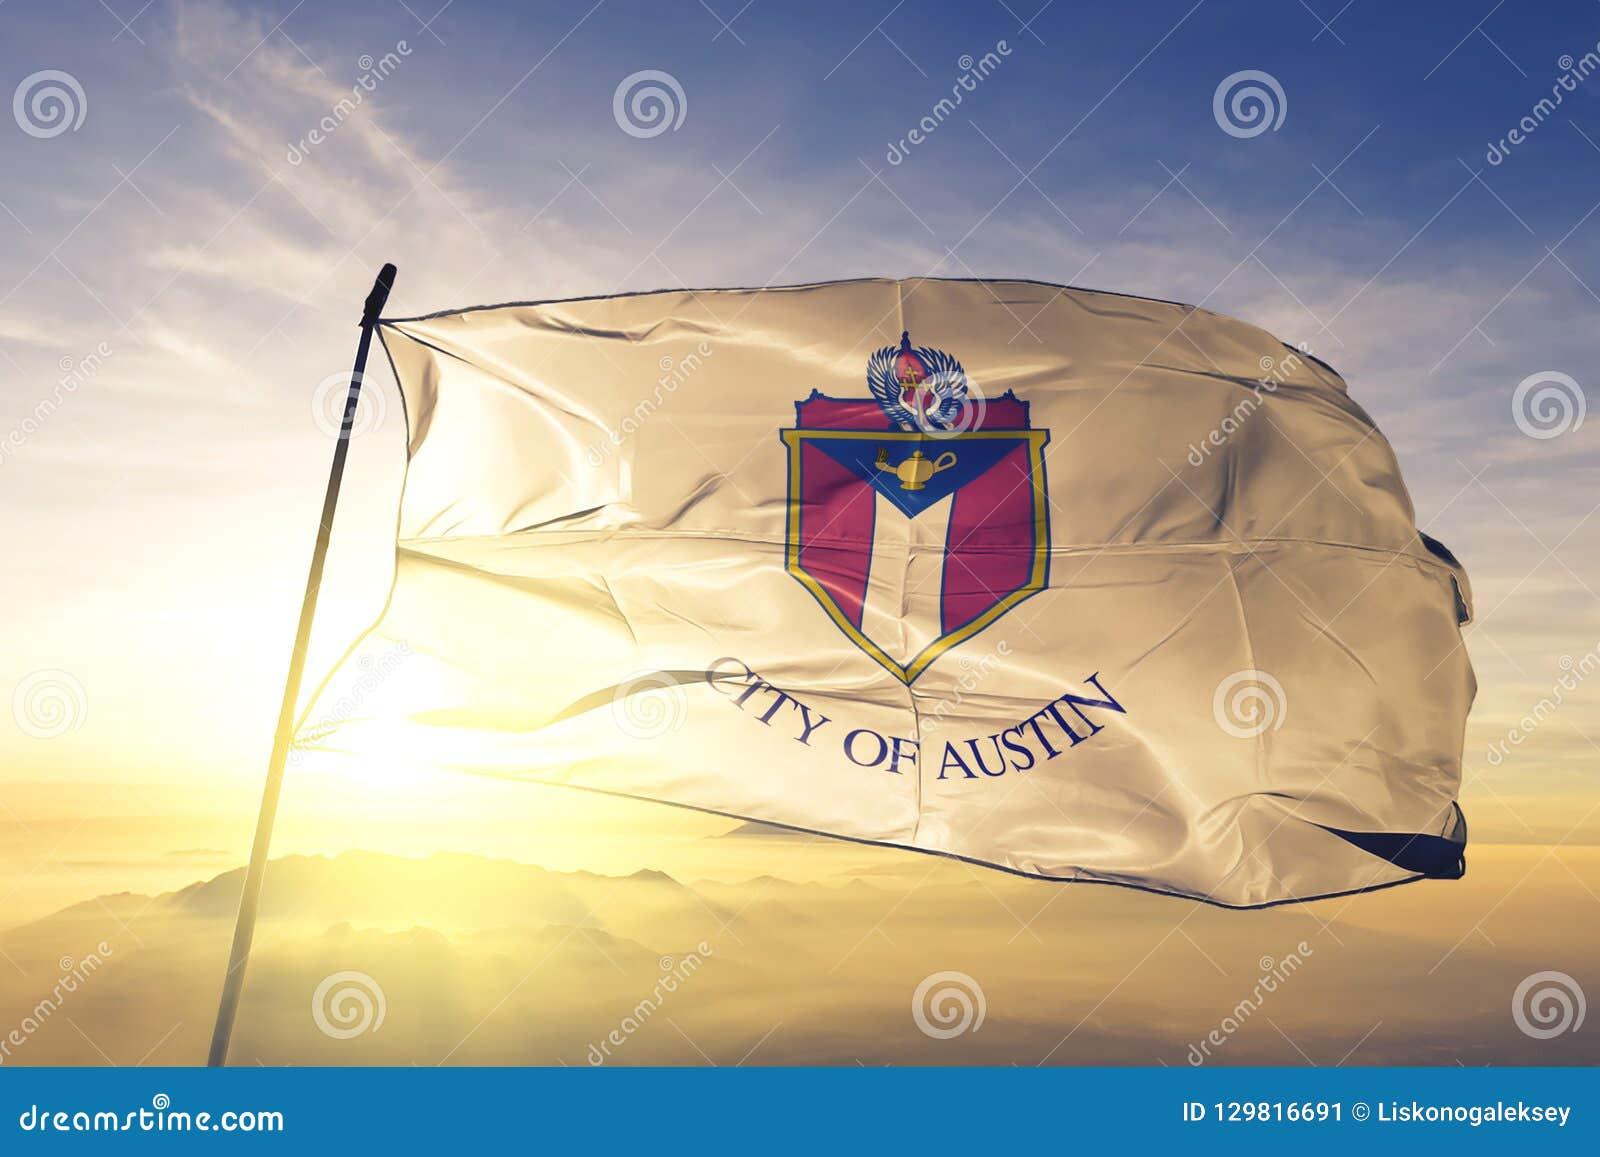 Austin miasta kapitał Teksas Stany Zjednoczone flagi tkaniny tekstylny sukienny falowanie na odgórnej wschód słońca mgły mgle